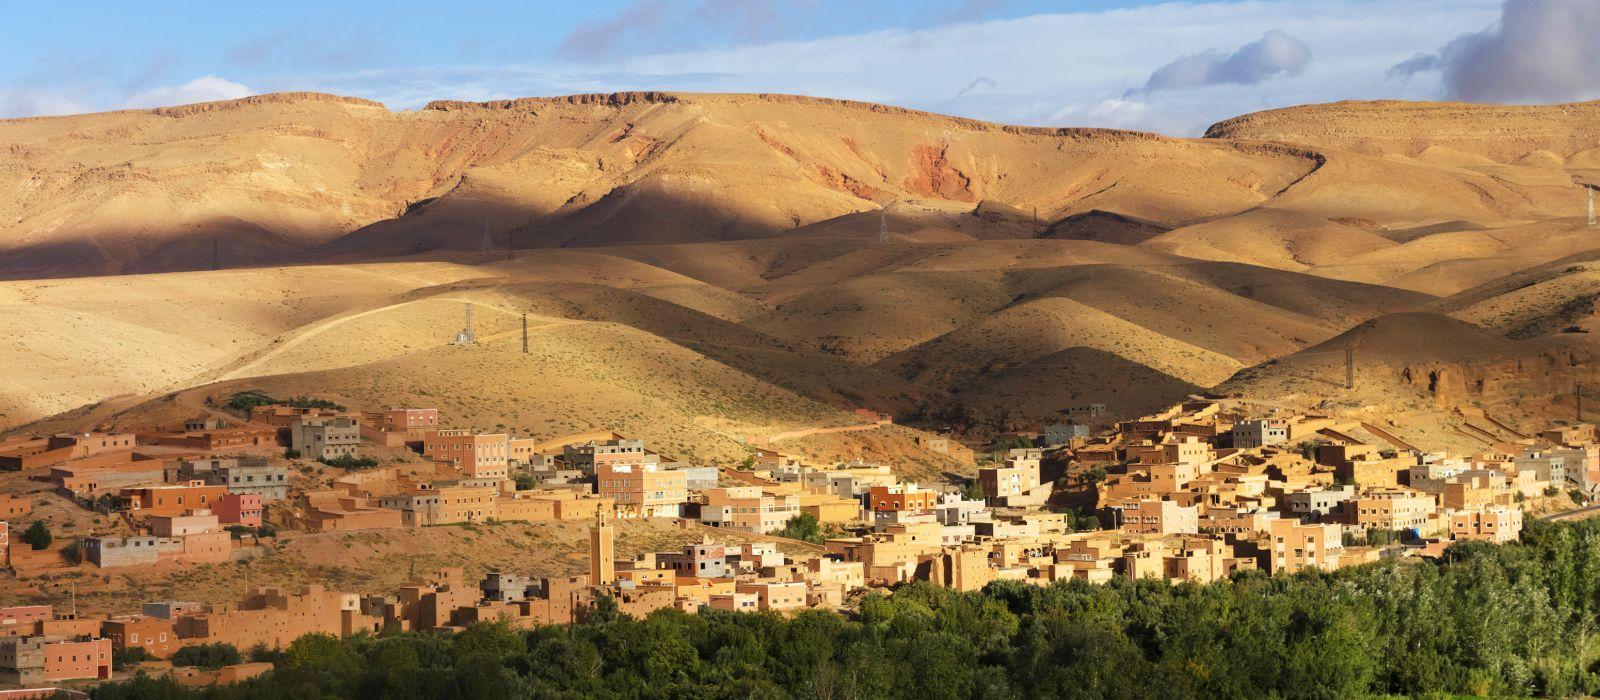 Destination Boumalne Dades Morocco